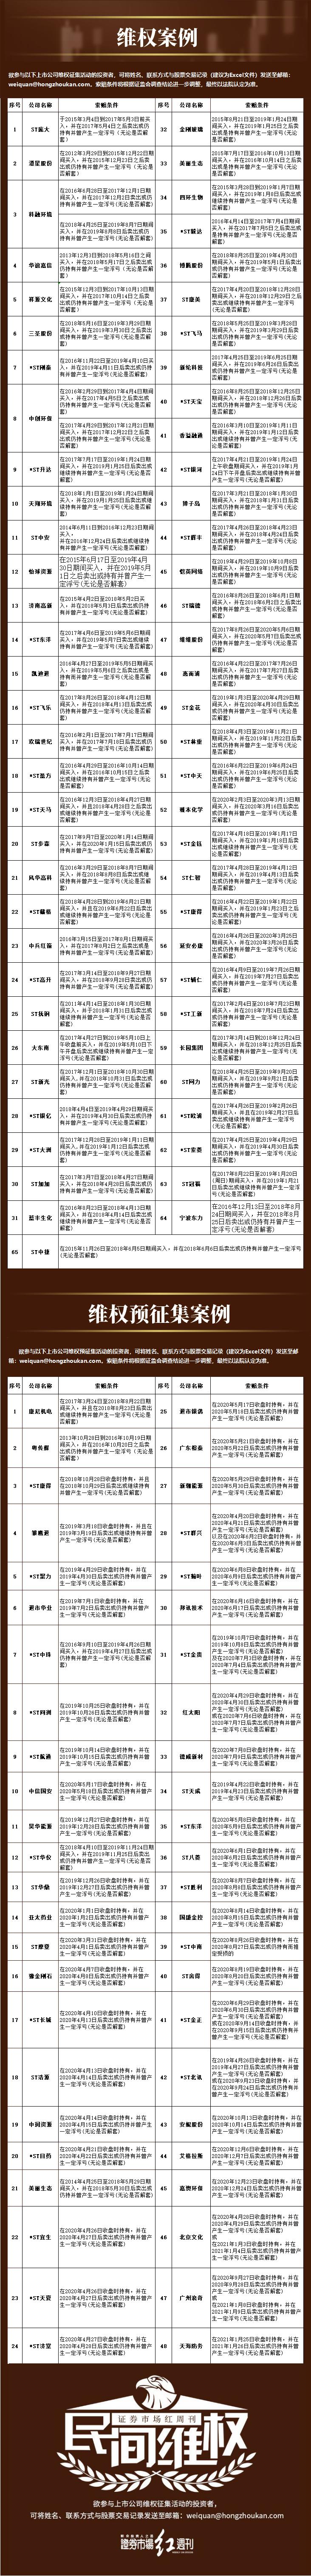 民间维权 | 广东榕泰:立案调查尚无结论 公司经营正